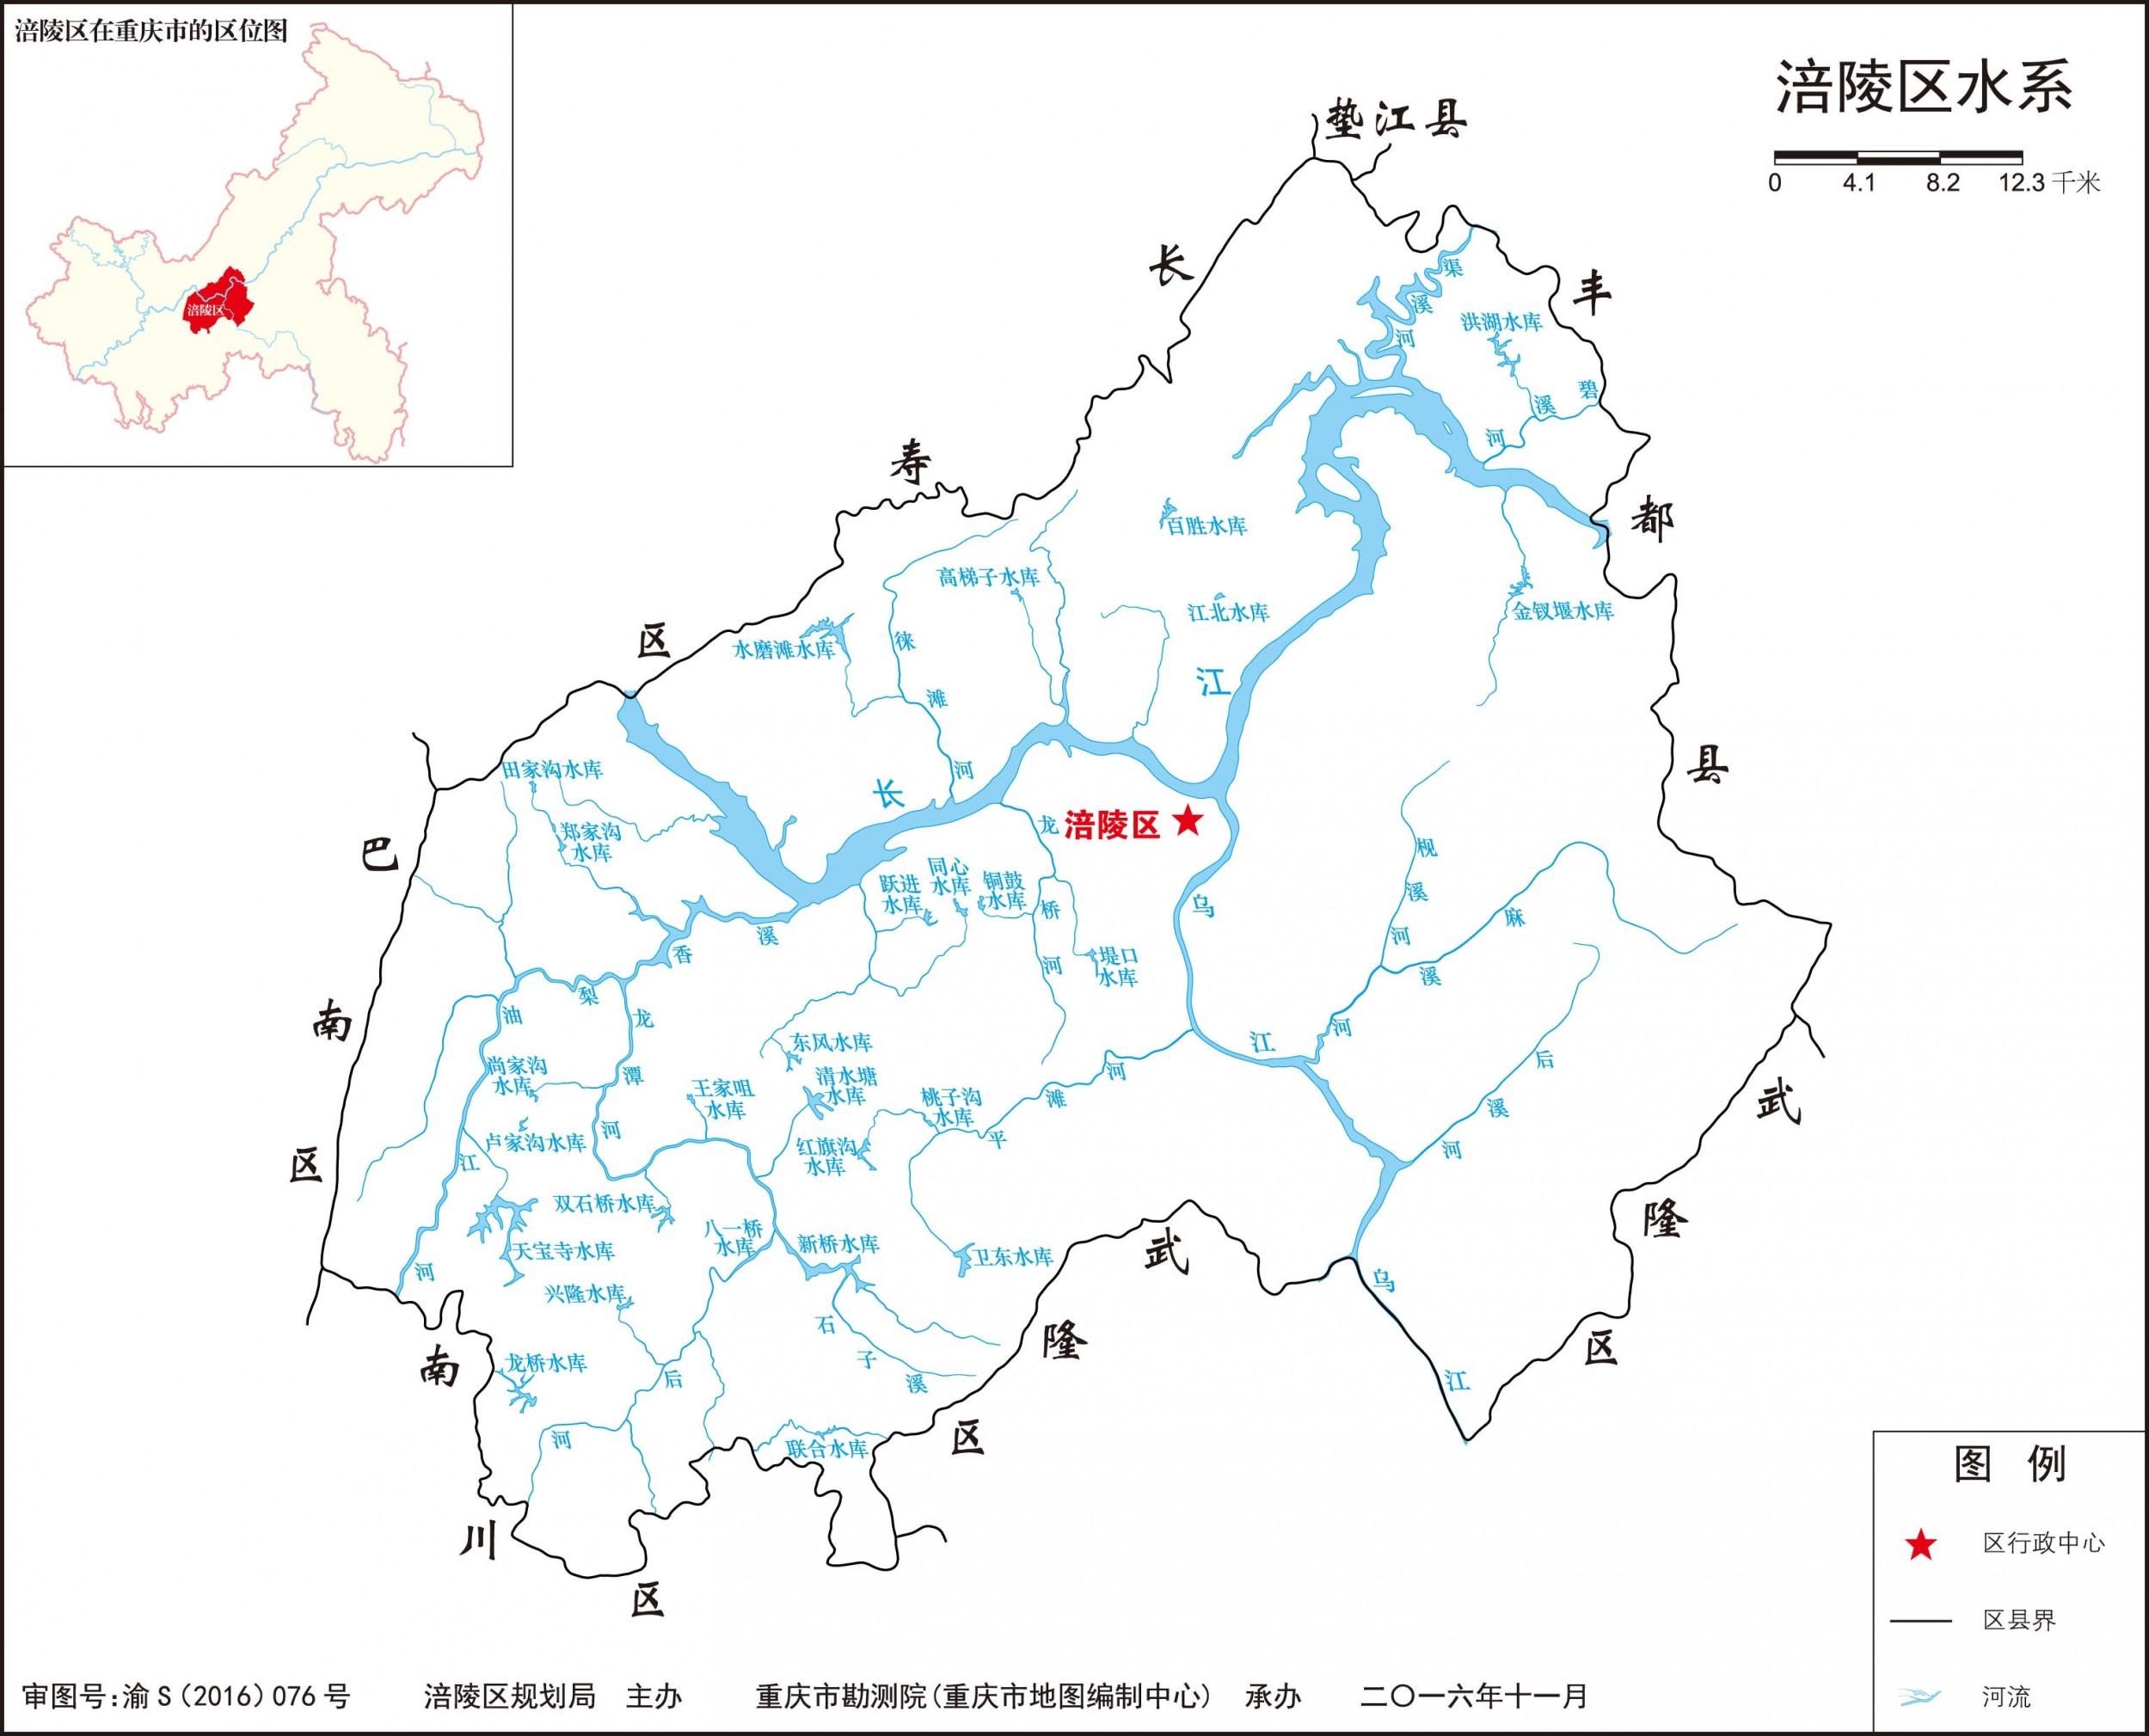 涪陵区水系.jpg